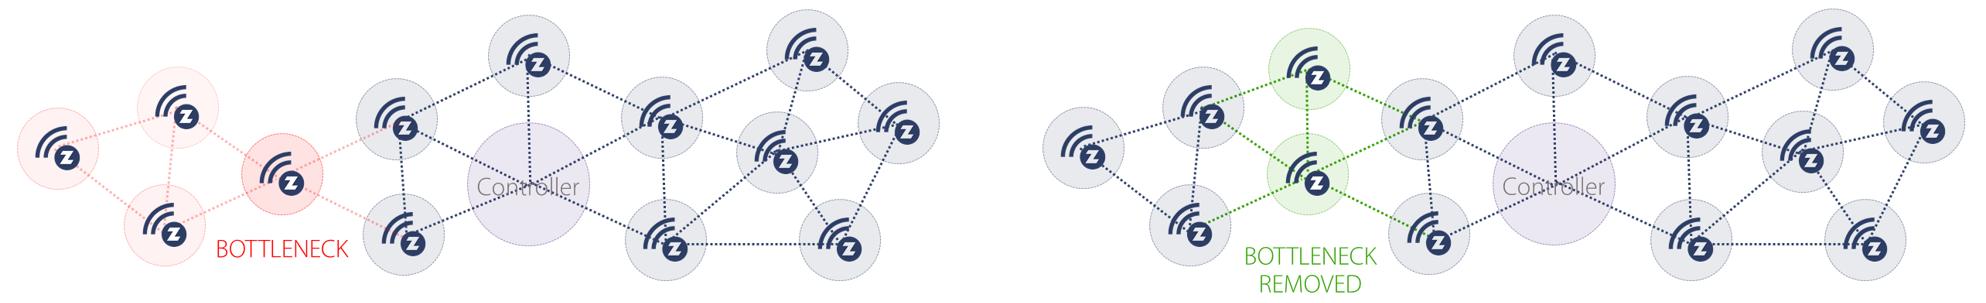 Bottlenecking a Z-Wave network Image